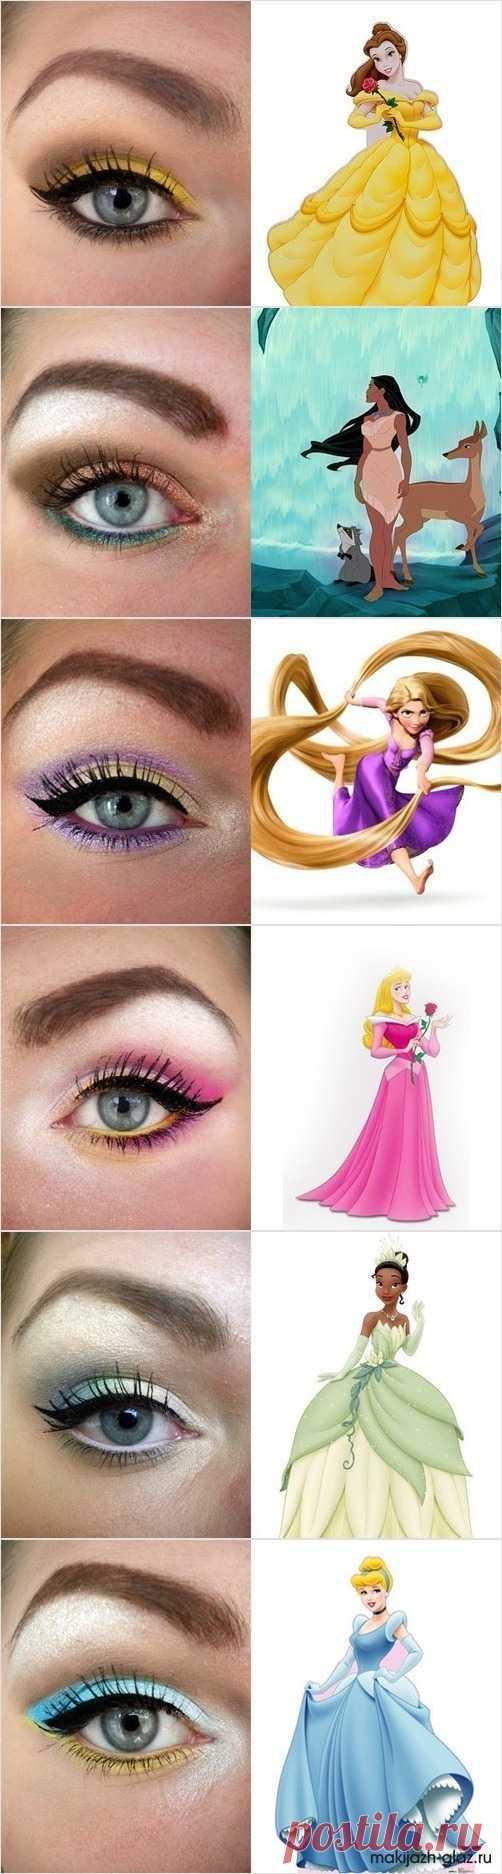 Сказочный макияж в стиле диснеевск